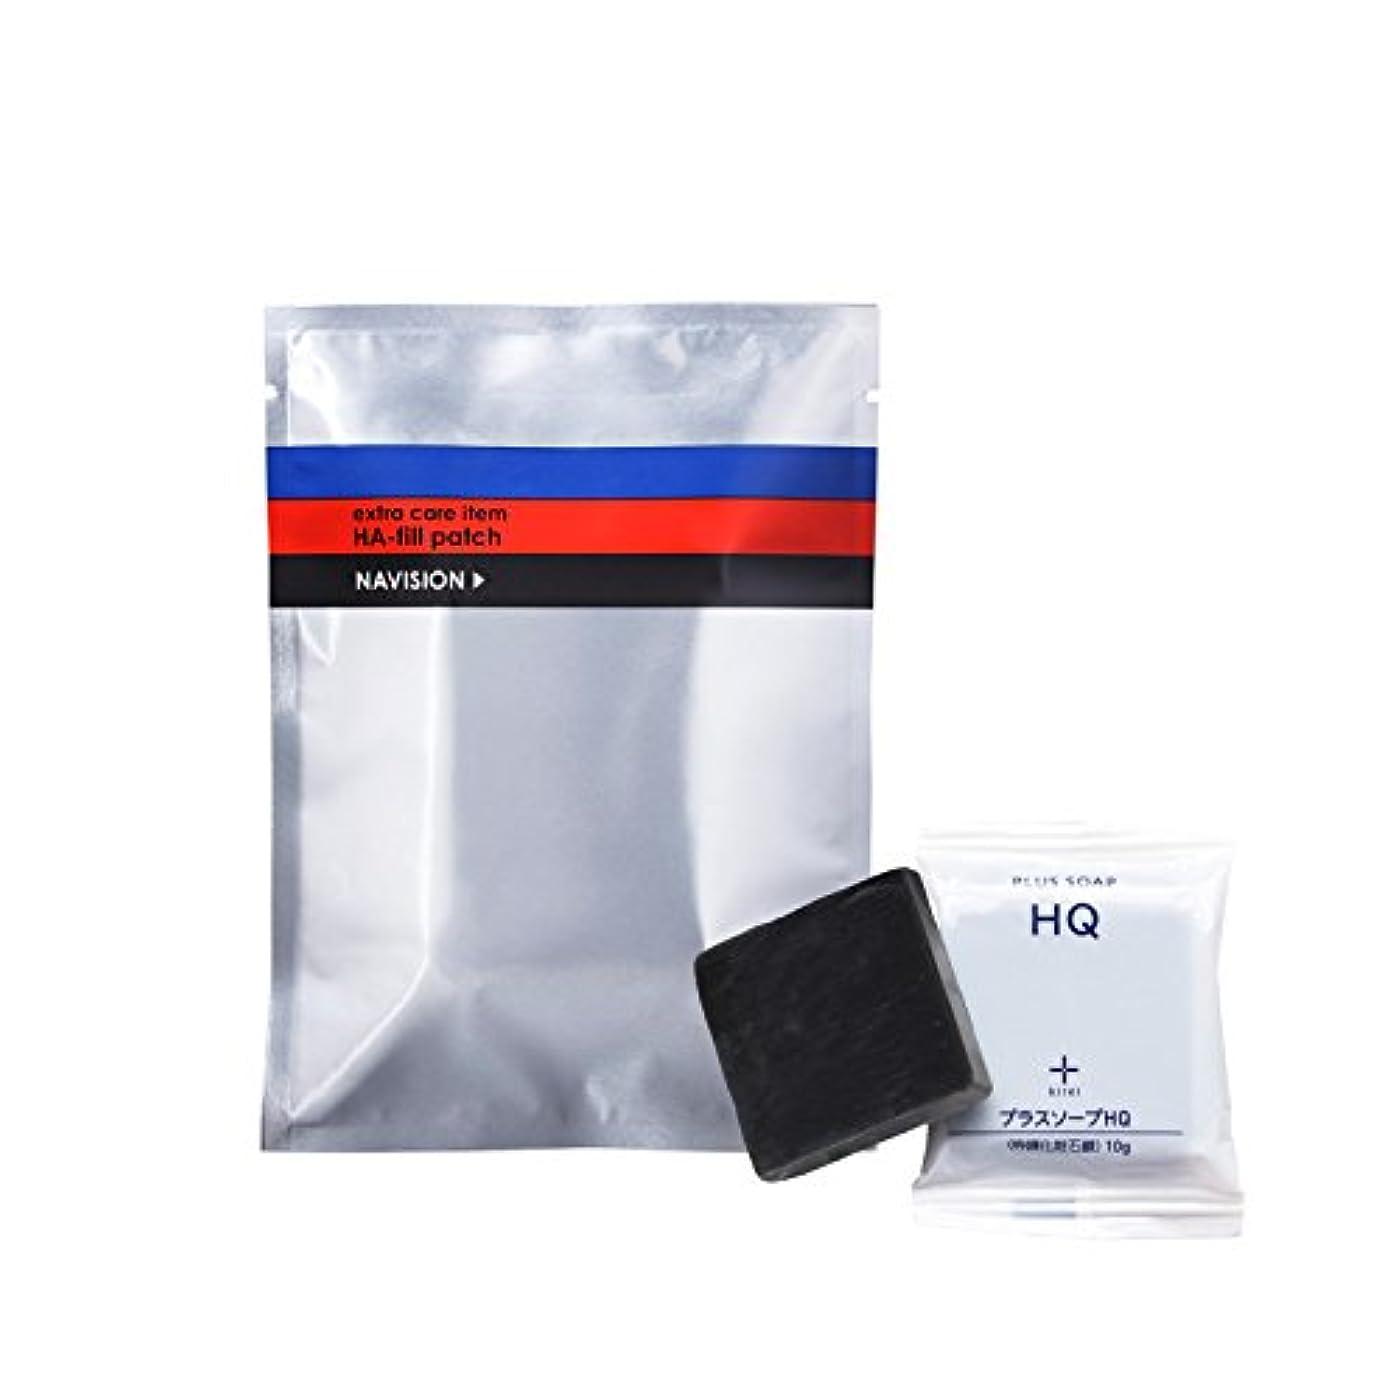 シーサイド間違いなく中古ナビジョン NAVISION HAフィルパッチ(2枚×3包入) + プラスキレイ プラスソープHQミニ